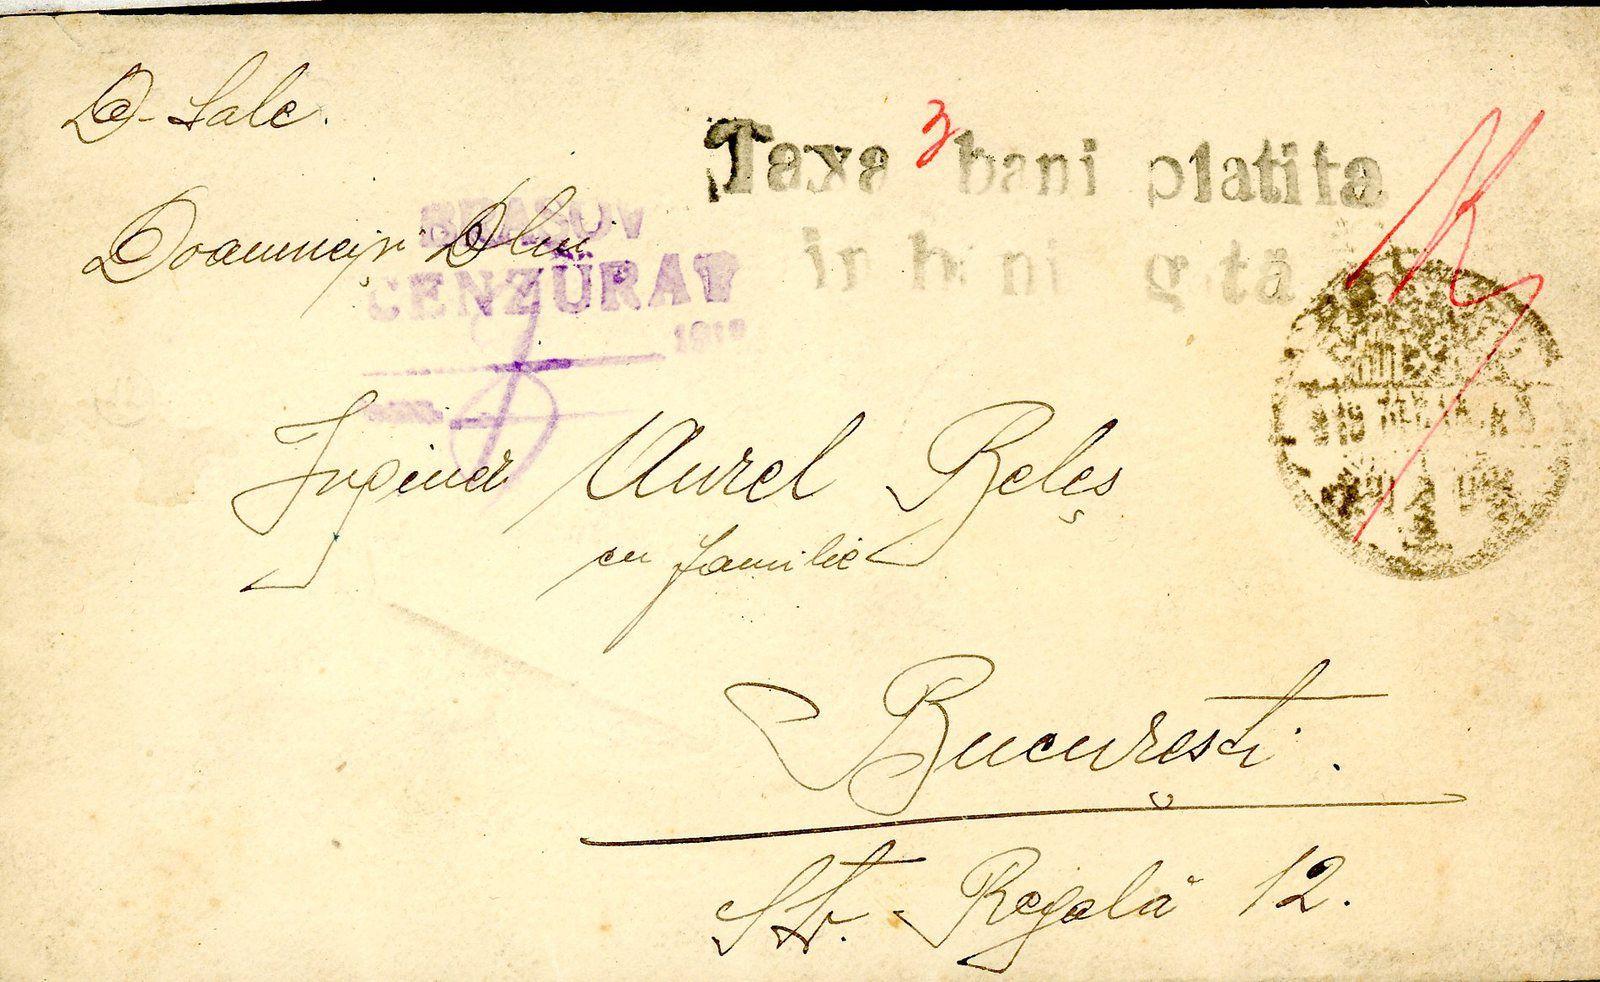 Fig.21: Carte postale de Lugoj (Lugos) à Balș, du 23.081919, non-affranchie et sans timbre, CAD hongrois, cachet roumain de censure. Fig.22: Carte postale de Brașov (Brasso) à Sânmartin (Csikszentmárton) du 06.12.1919 avec cachet de taxe en roumain, CAD hongrois et cachet de censure roumaine. Fig.23: Enveloppe de Brașov (Brasso) à Bucarest du 28.08.1919 avec cachet de taxe en roumain, CAD hongrois et cachet de censure roumain.